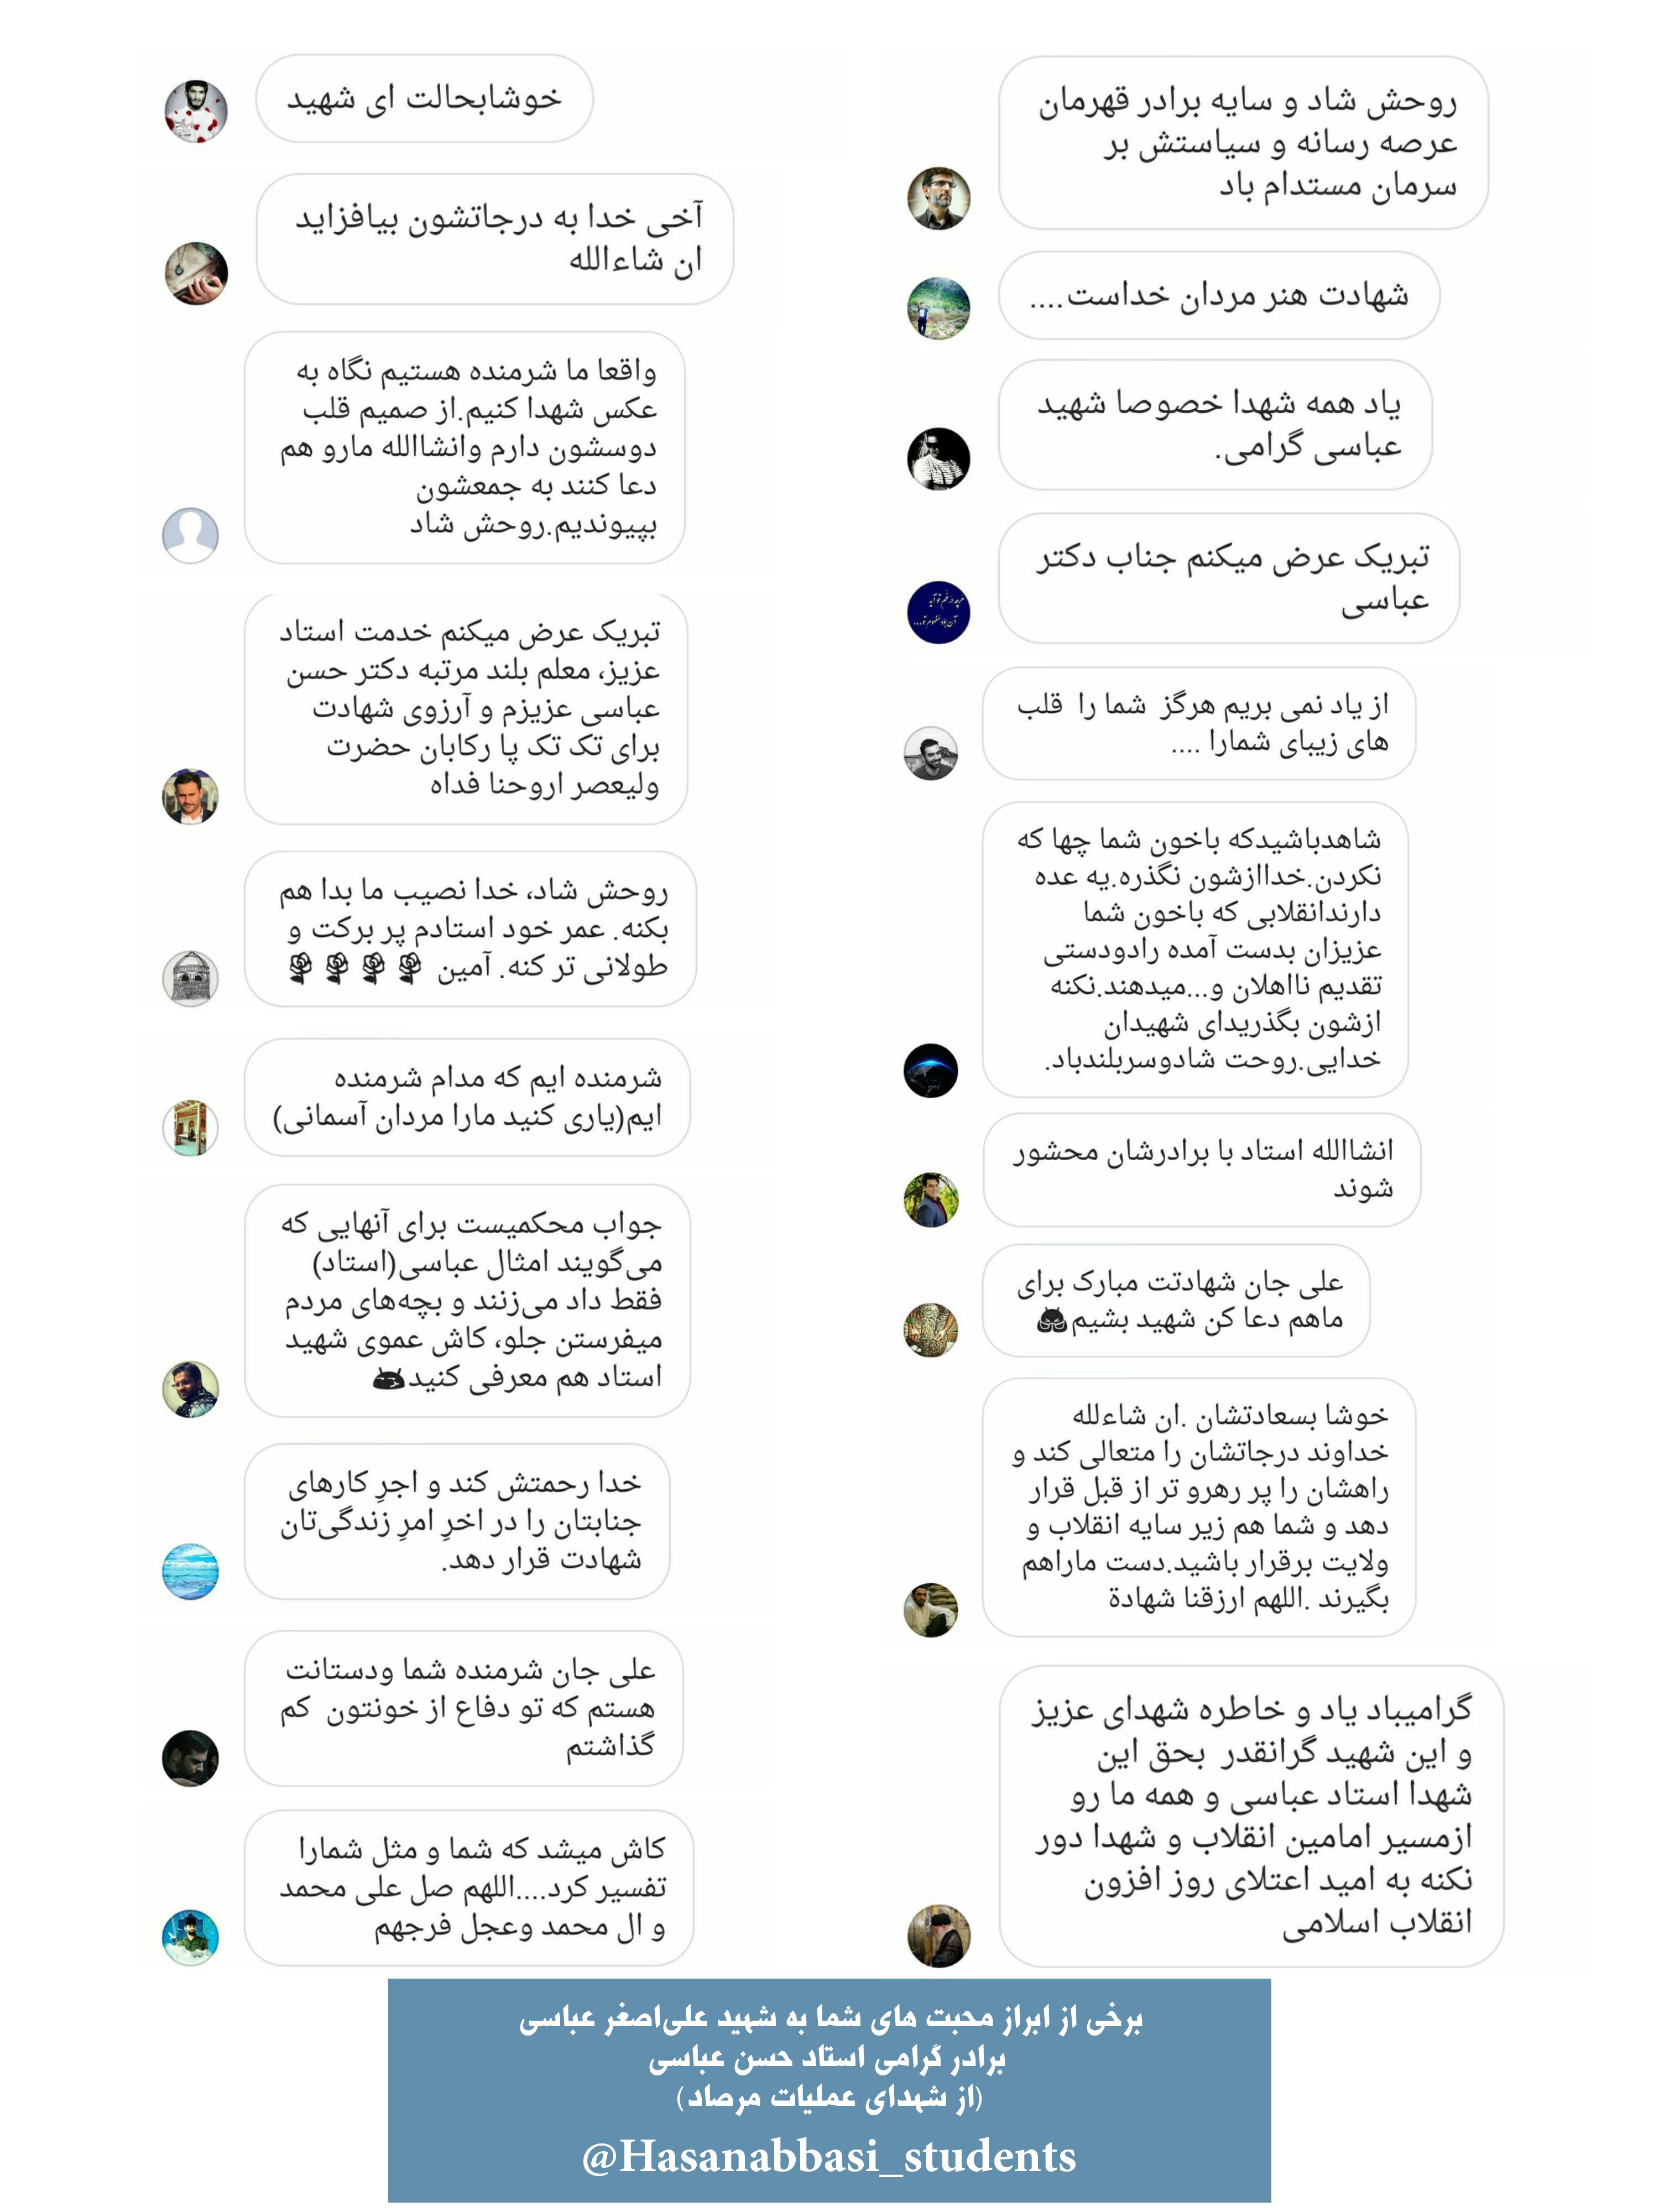 برخی از ابراز محبت های شما به #شهید_علی_اصغر_عباسی، برادر گرامی استاد حسن عباسی 💠 (از شهدای #عملیات_مرصاد)